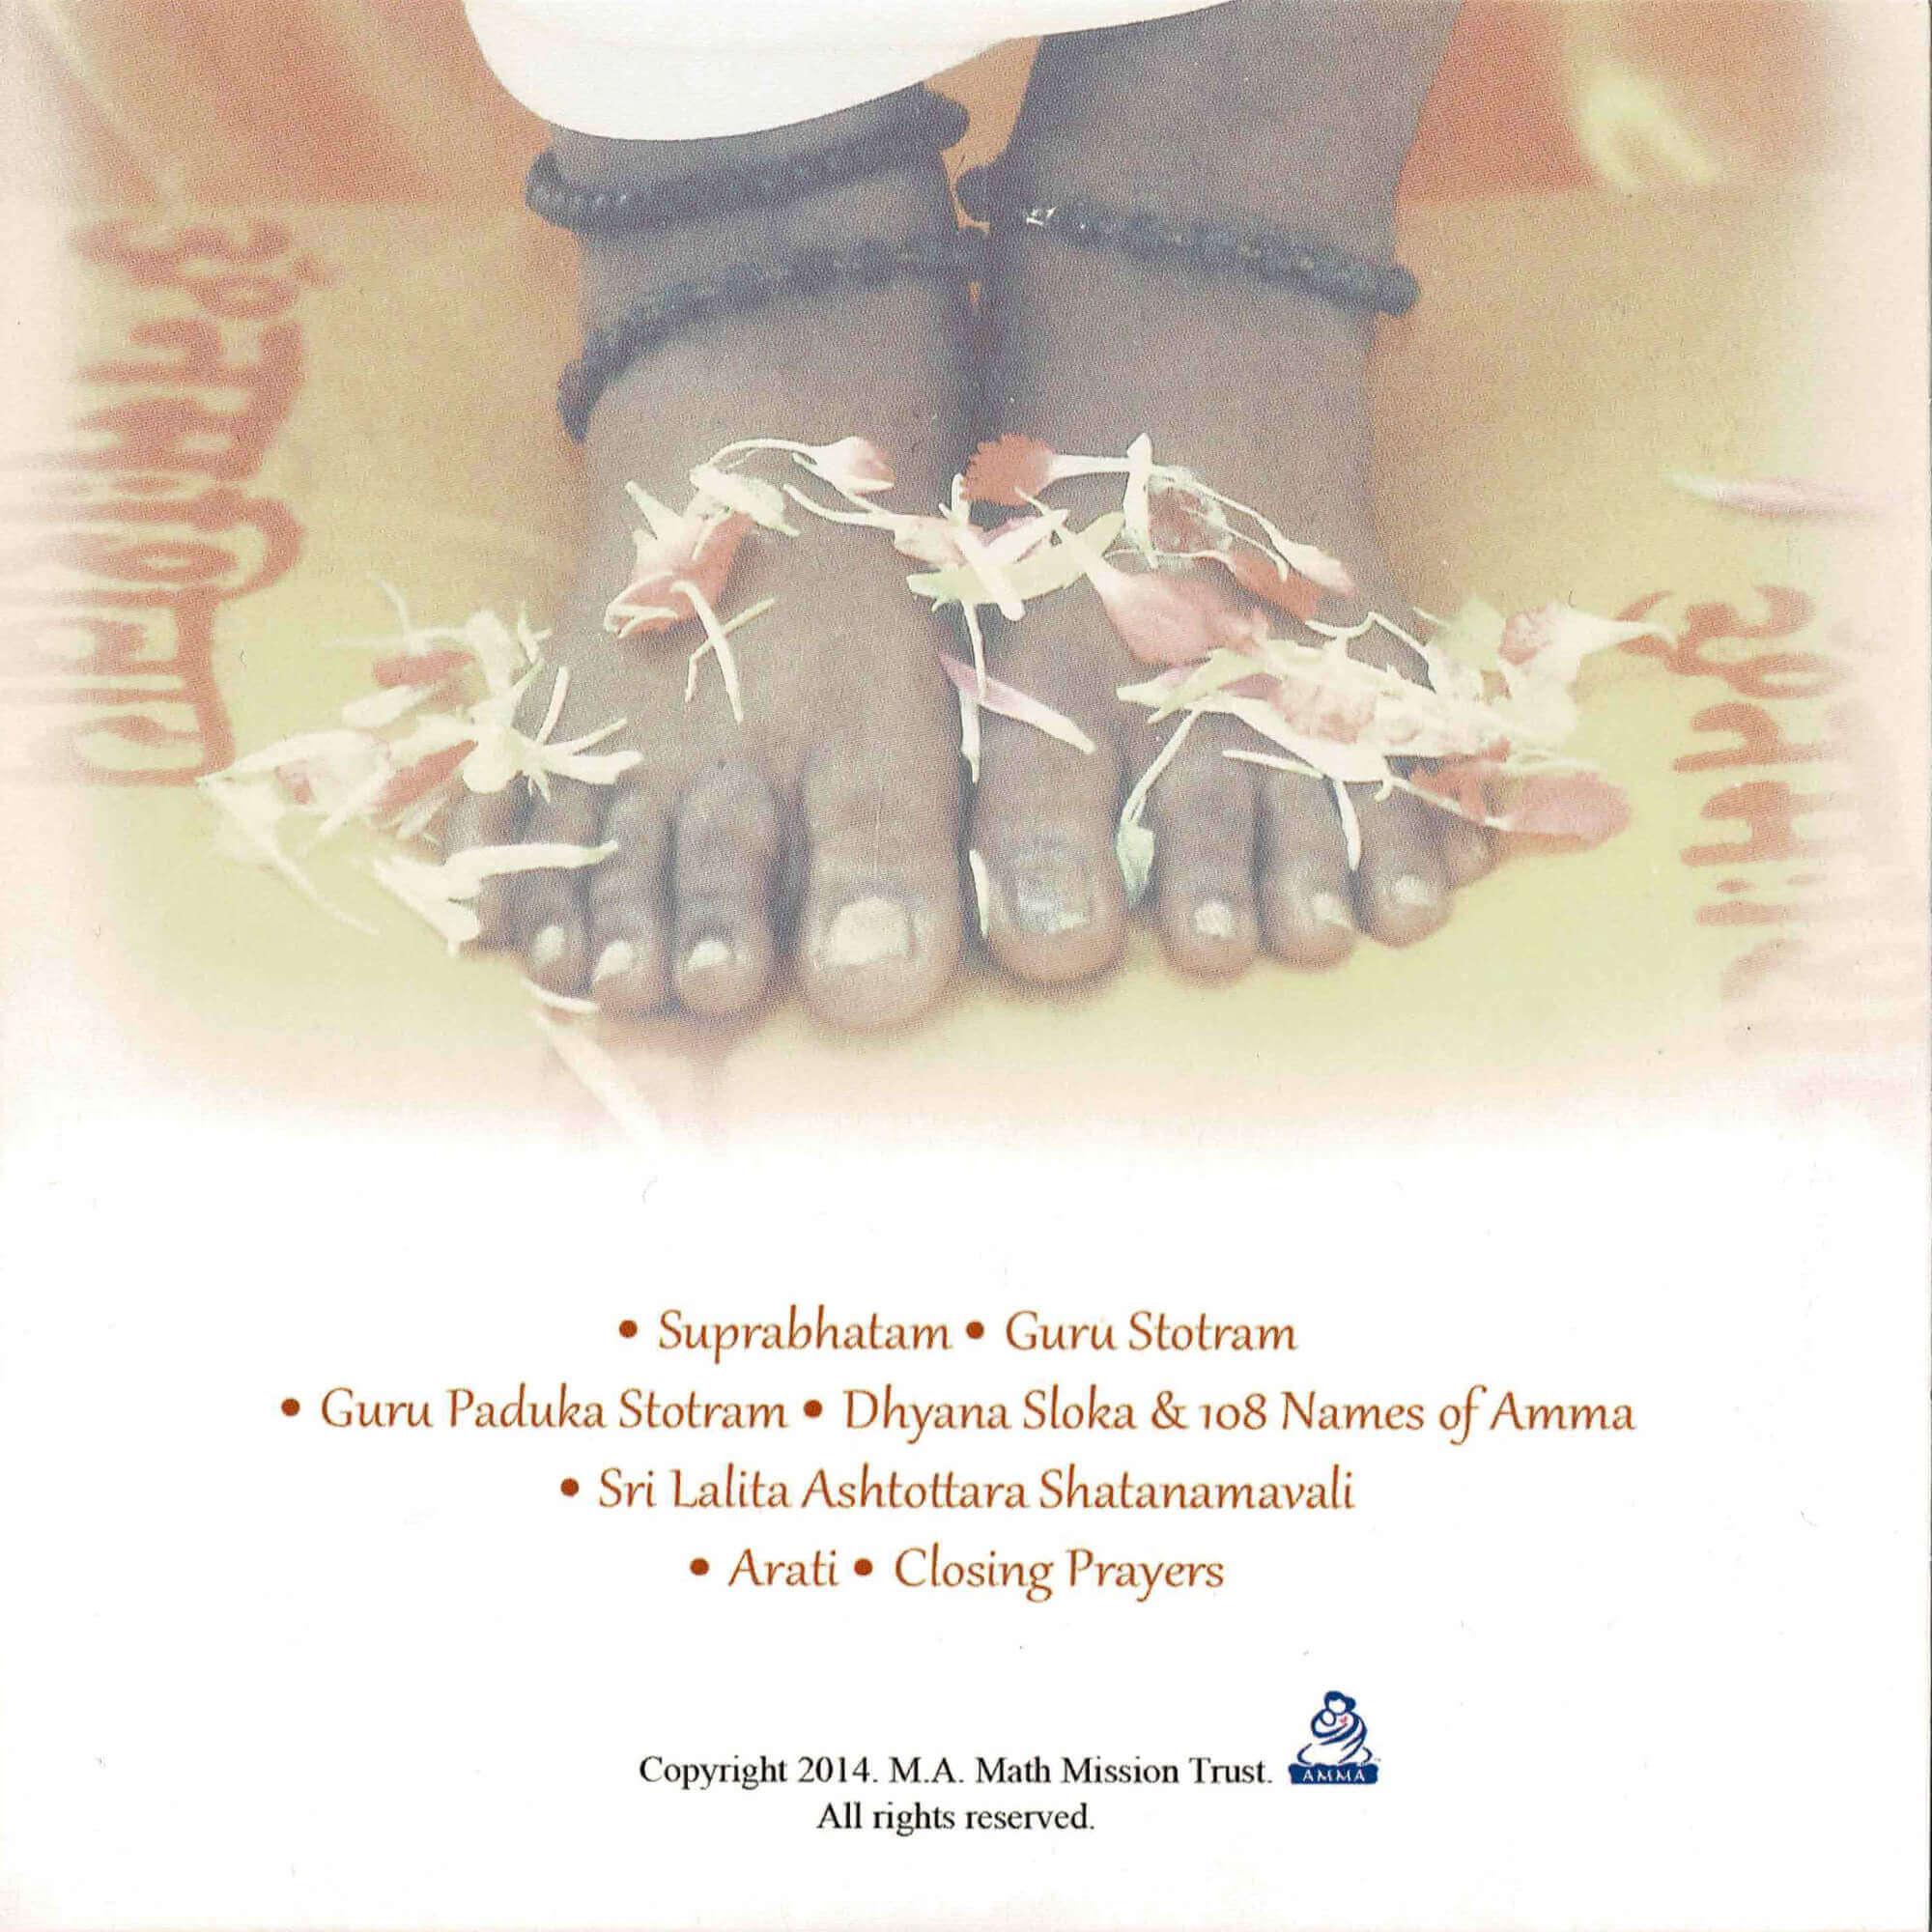 AMRITA MALA VOL. 1 (CD)